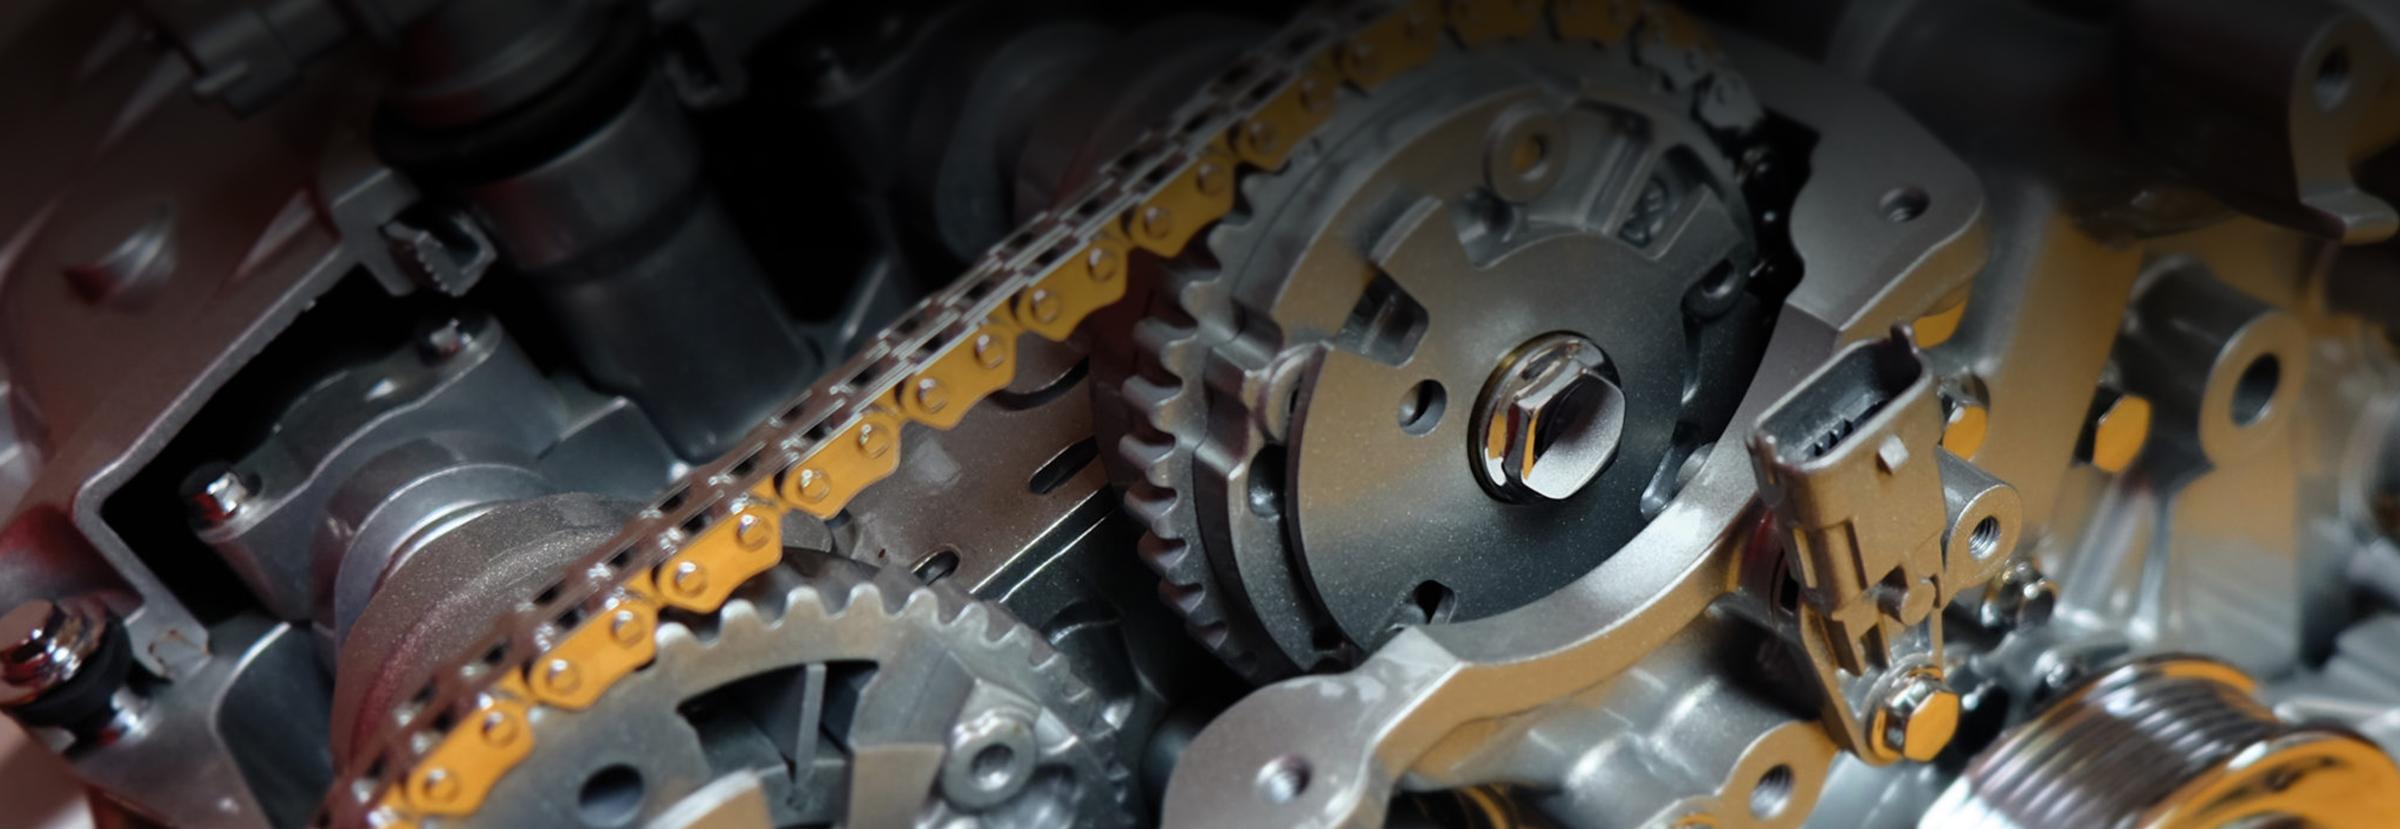 robots in engineering